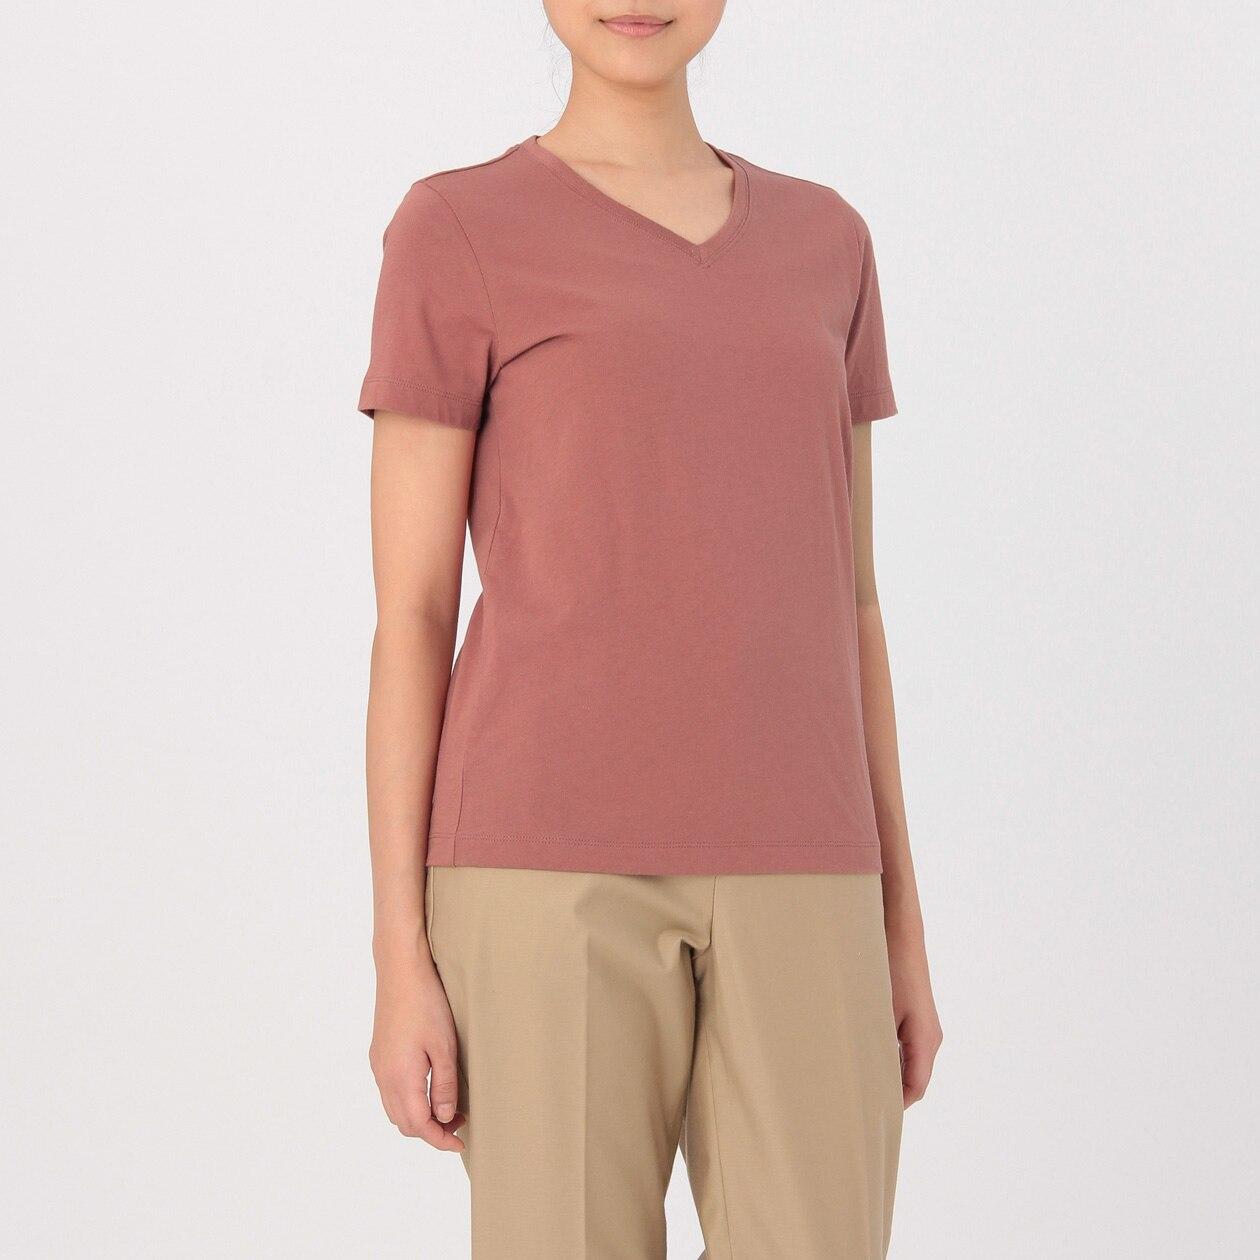 【無印良品】65 %OFF 【レディース】オーガニックコットンVネック半袖Tシャツ ライトオレンジ